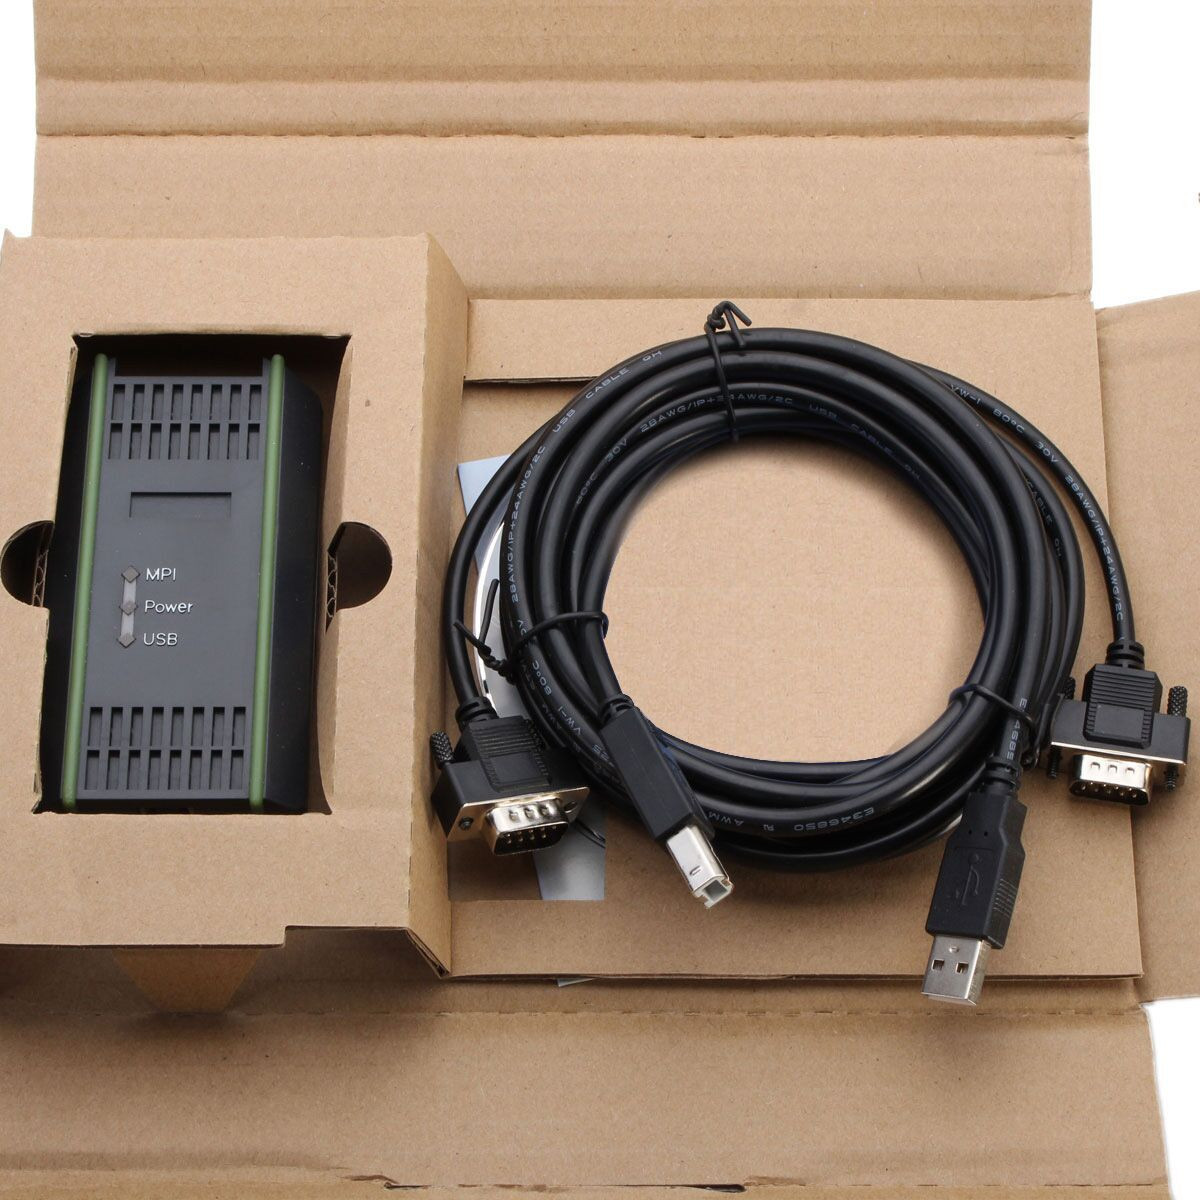 Адаптер USB кабель Поддержка для Siemens S7-200/300/400 PLC PPI MPI связи 9-контактный Замена для Siemens 6ES7972-0CB20-0XA0